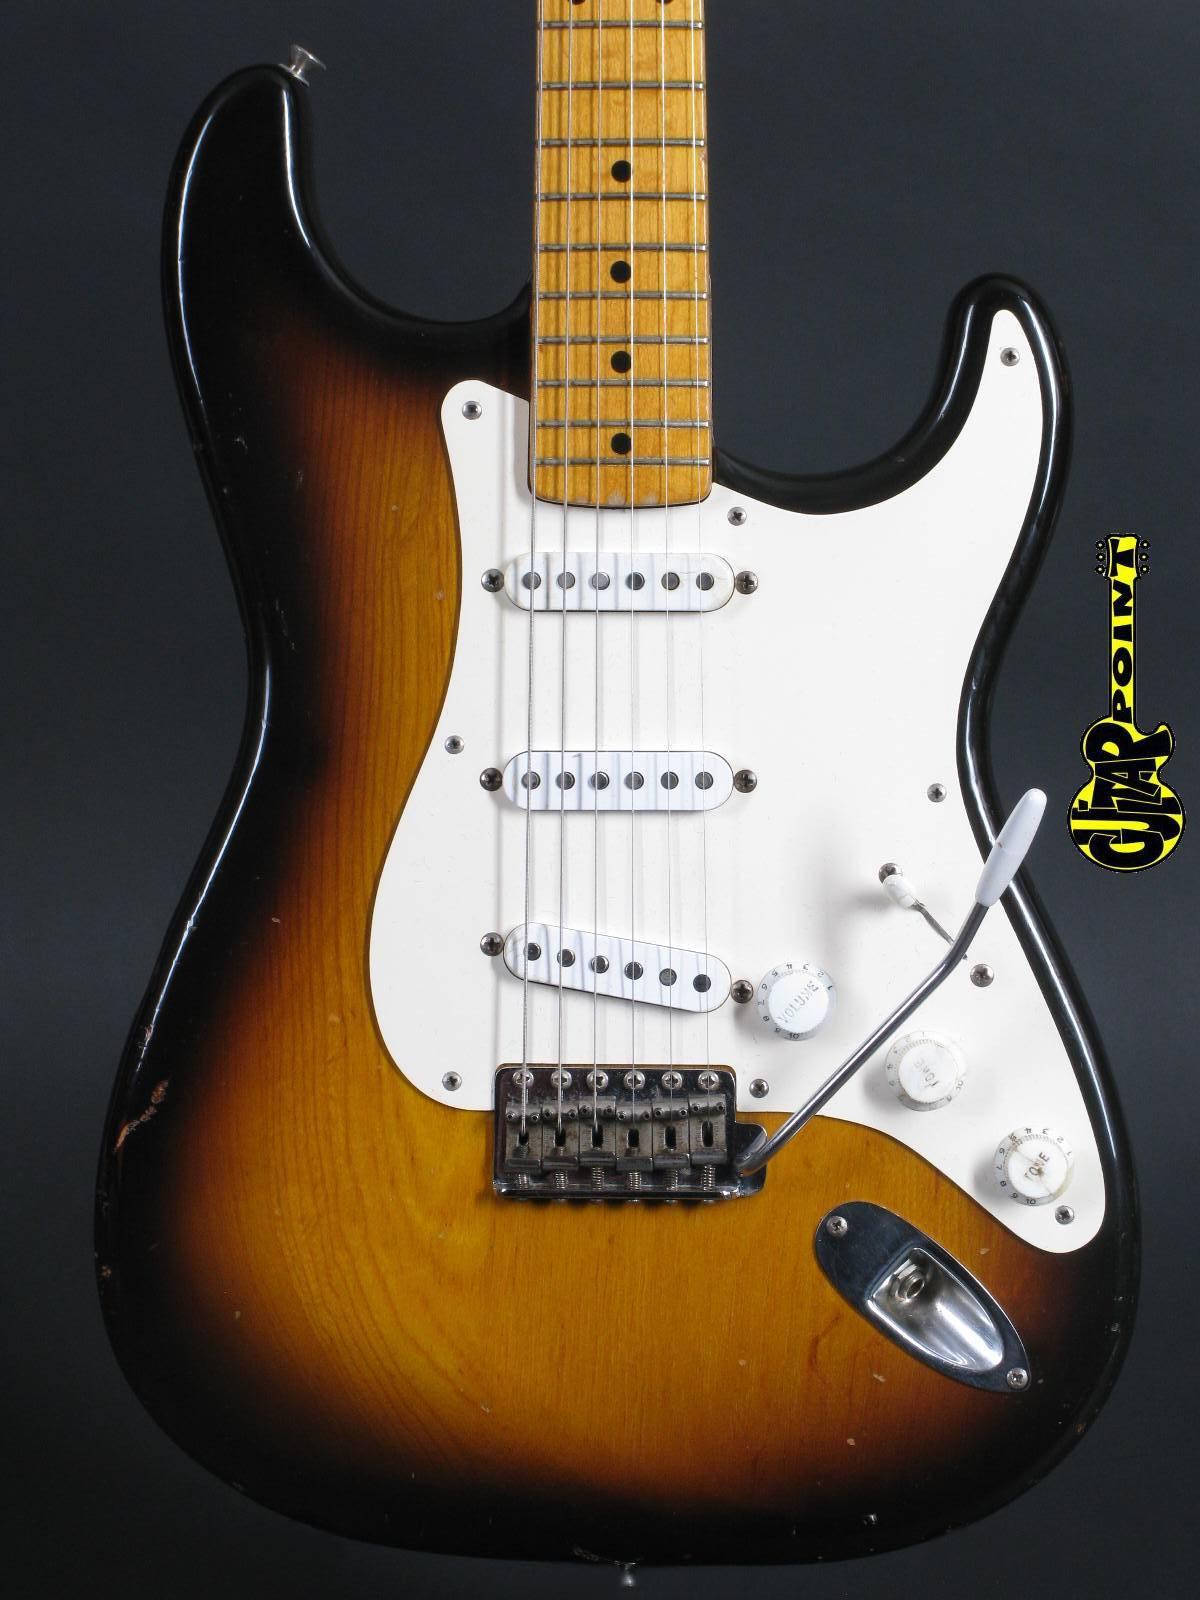 1954 Fender Stratocaster - 2-tone Sunburst